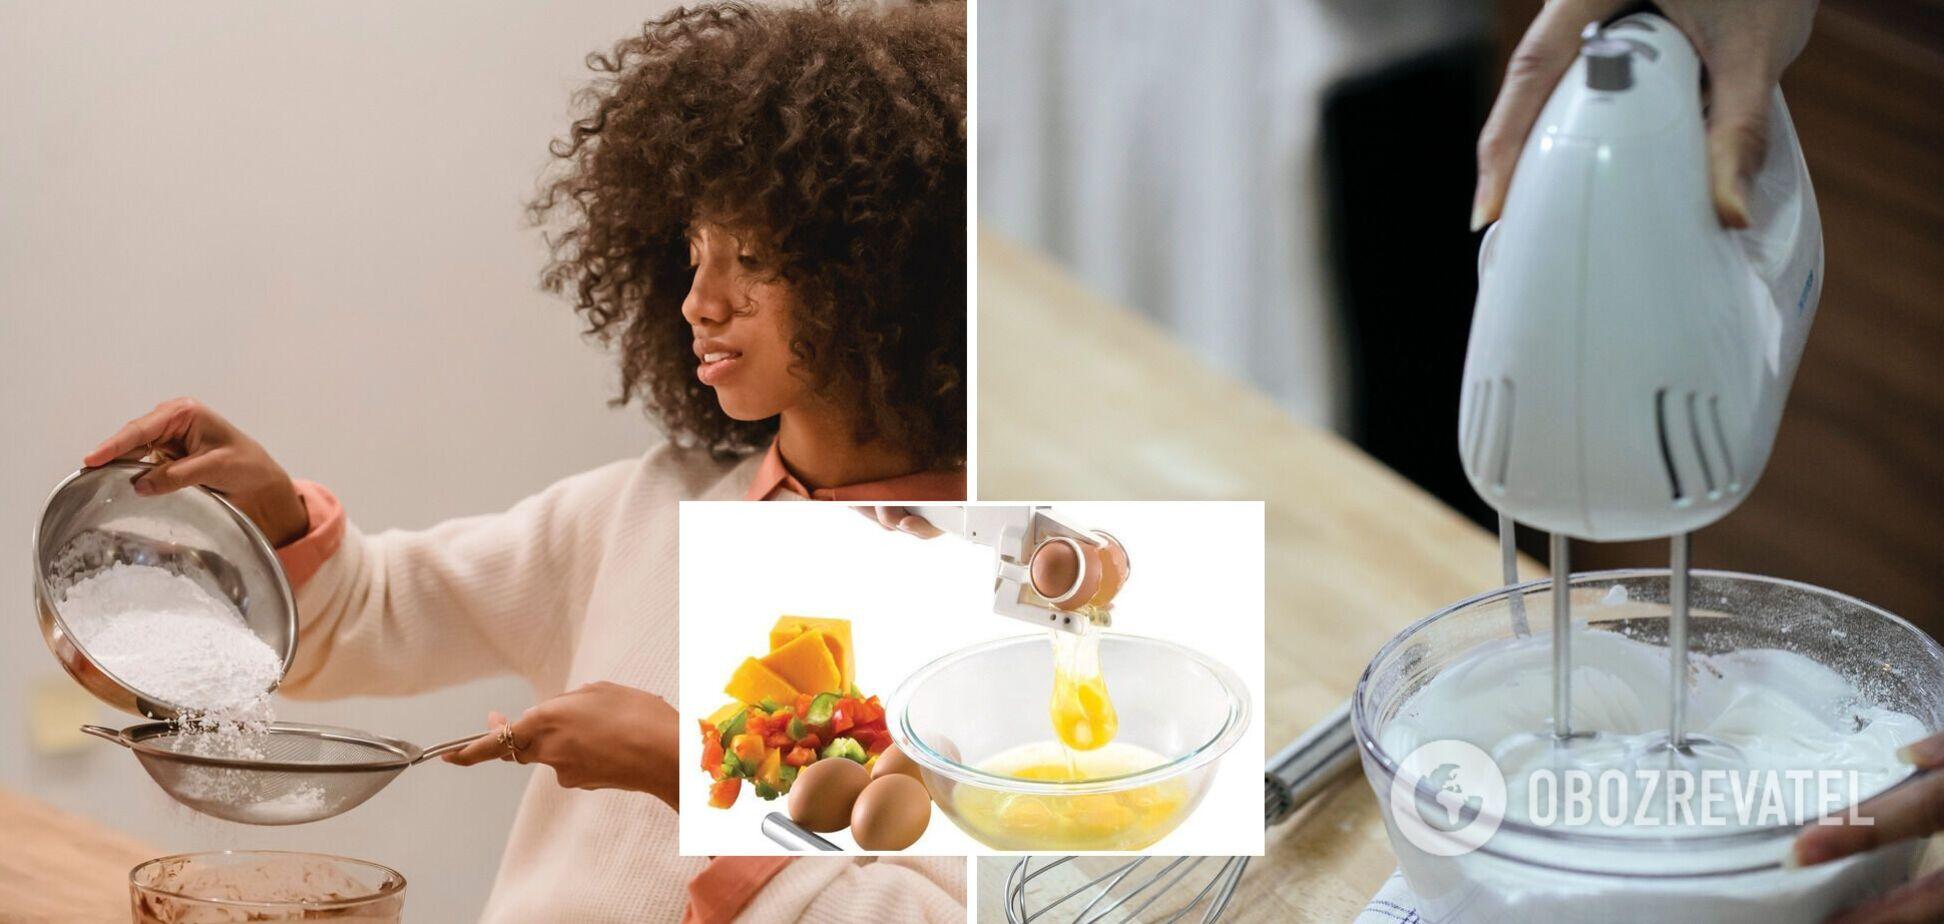 Які кухонні гаджети повинні бути на кухні